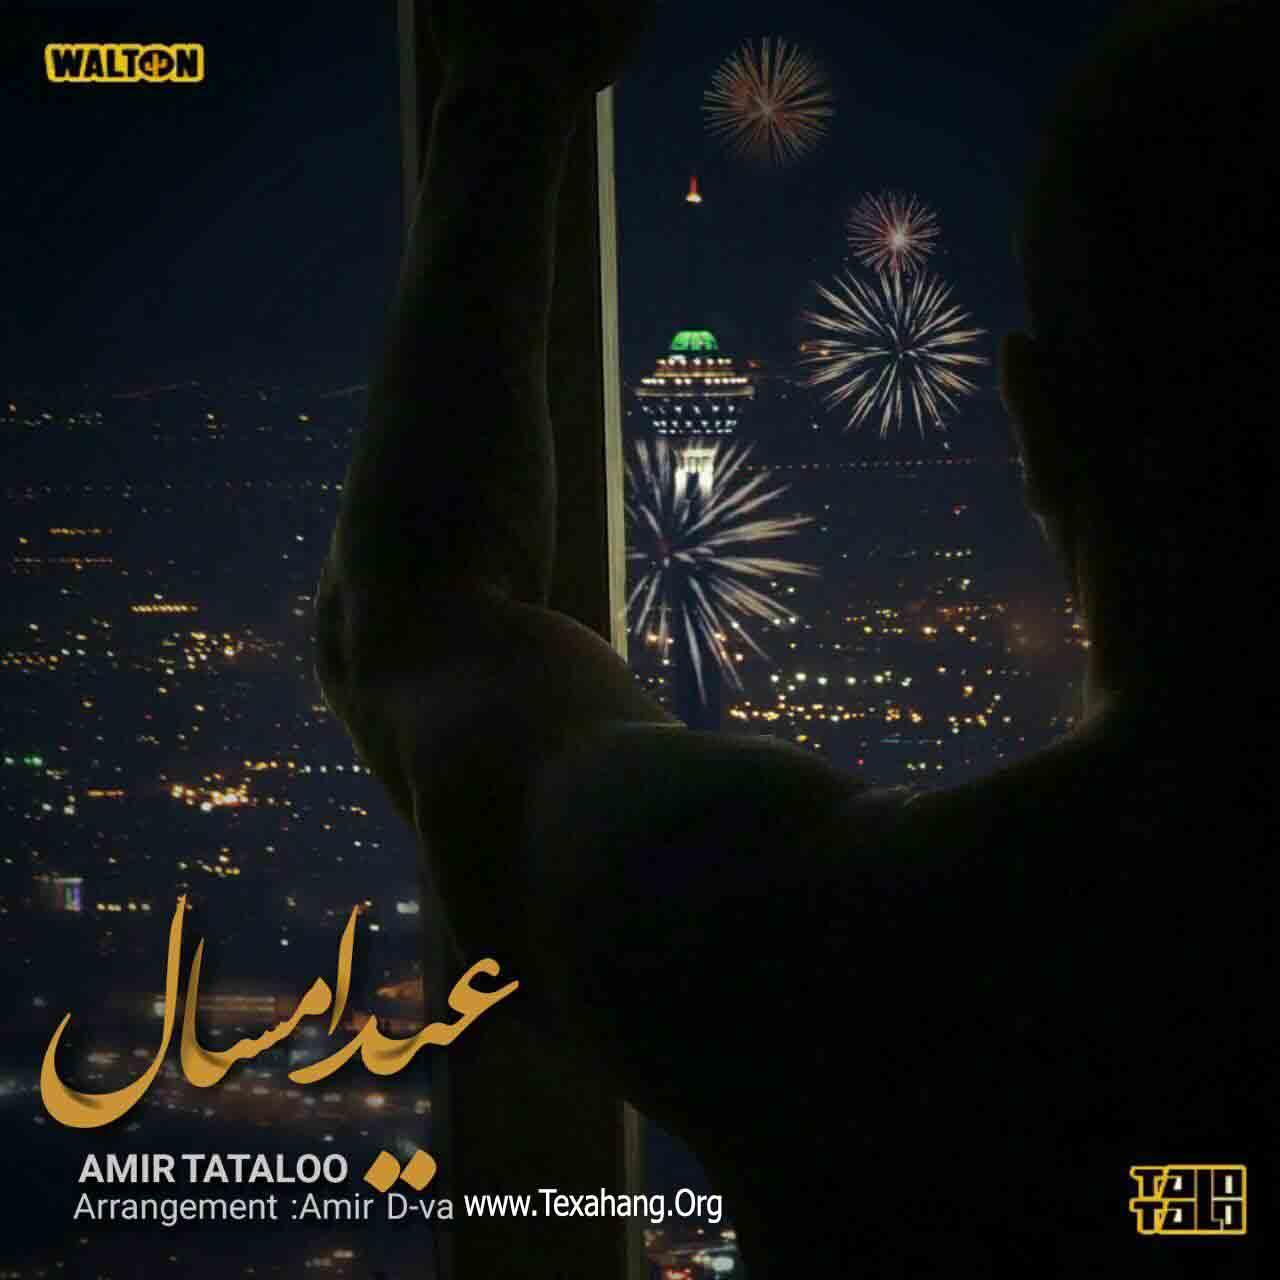 متن آهنگ جدید امیر تتلو به نام عید امسال